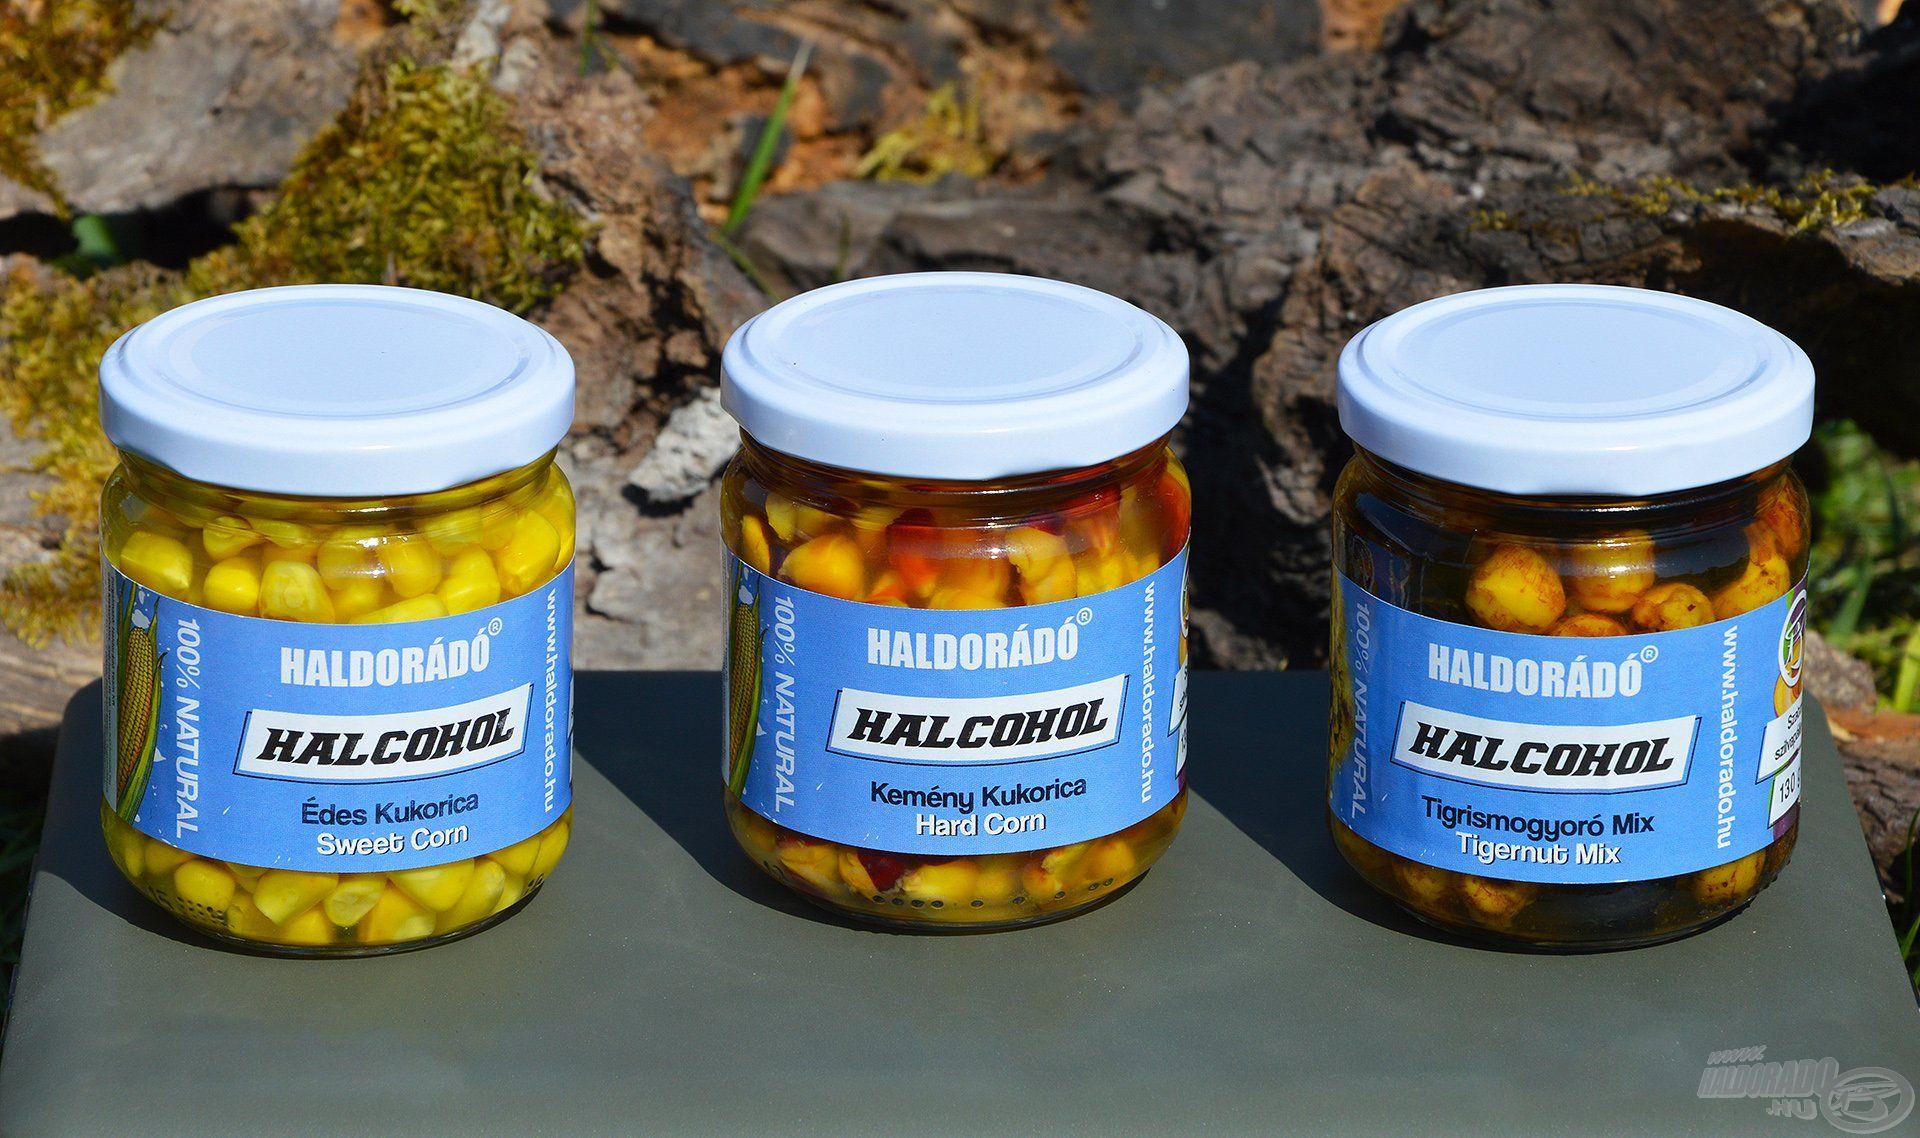 A Halcohol nem csupán ízesített, hanem valódi szatmári szilvapálinkában ázó, horgászatra előkészített magvak termékcsaládja. Három különböző változatban kerül forgalomba